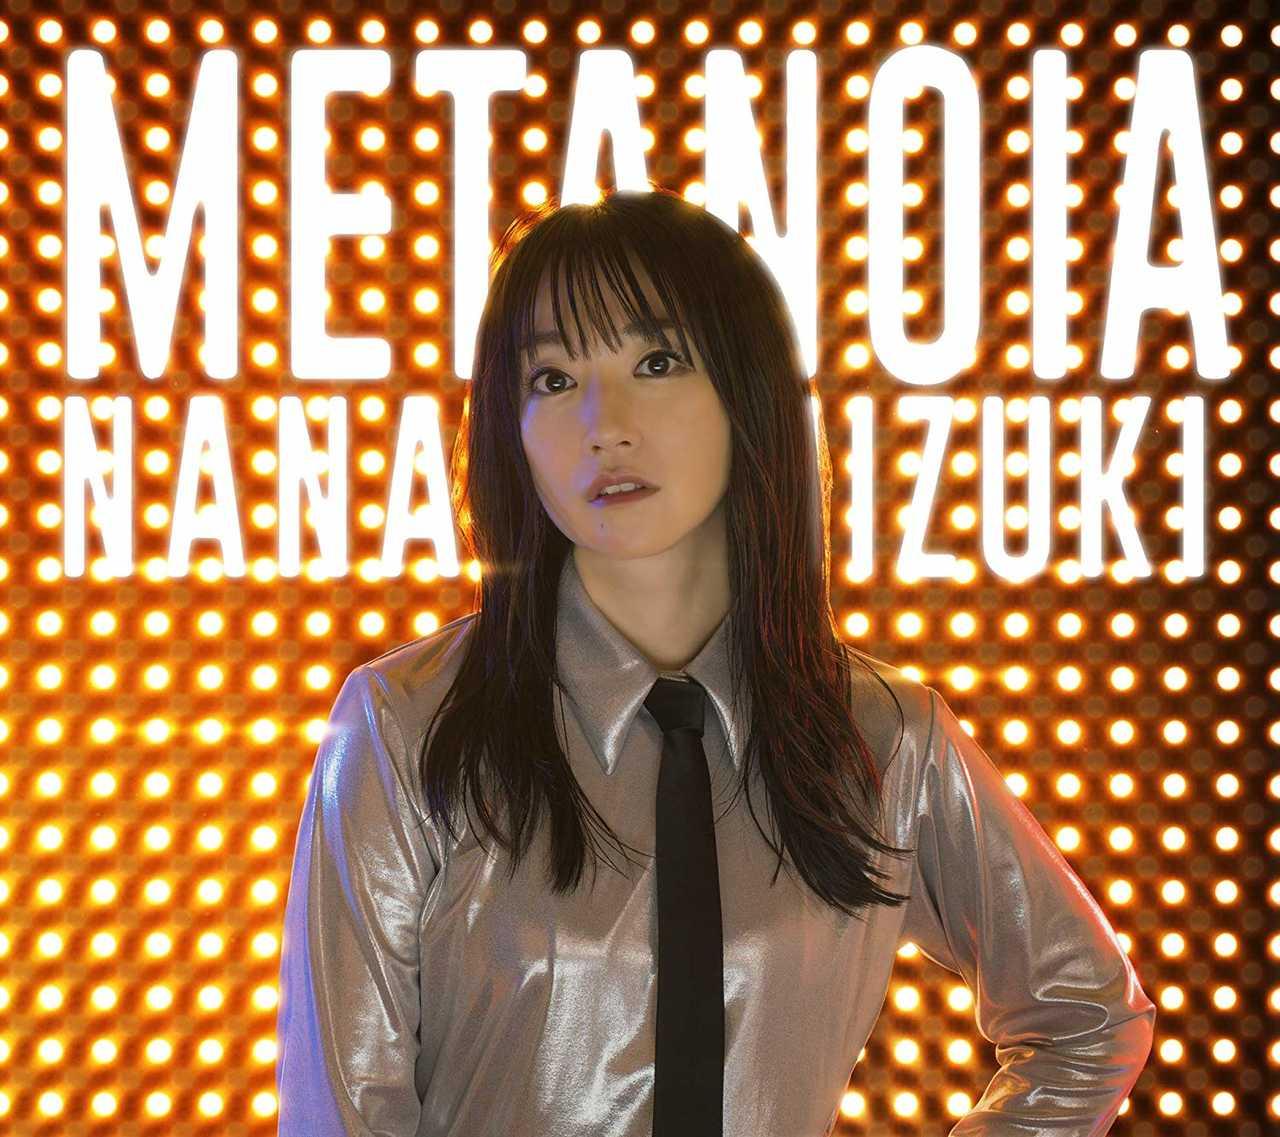 新曲「METANOIA」は新しい水樹奈々の誕生!声優界の頂点へ